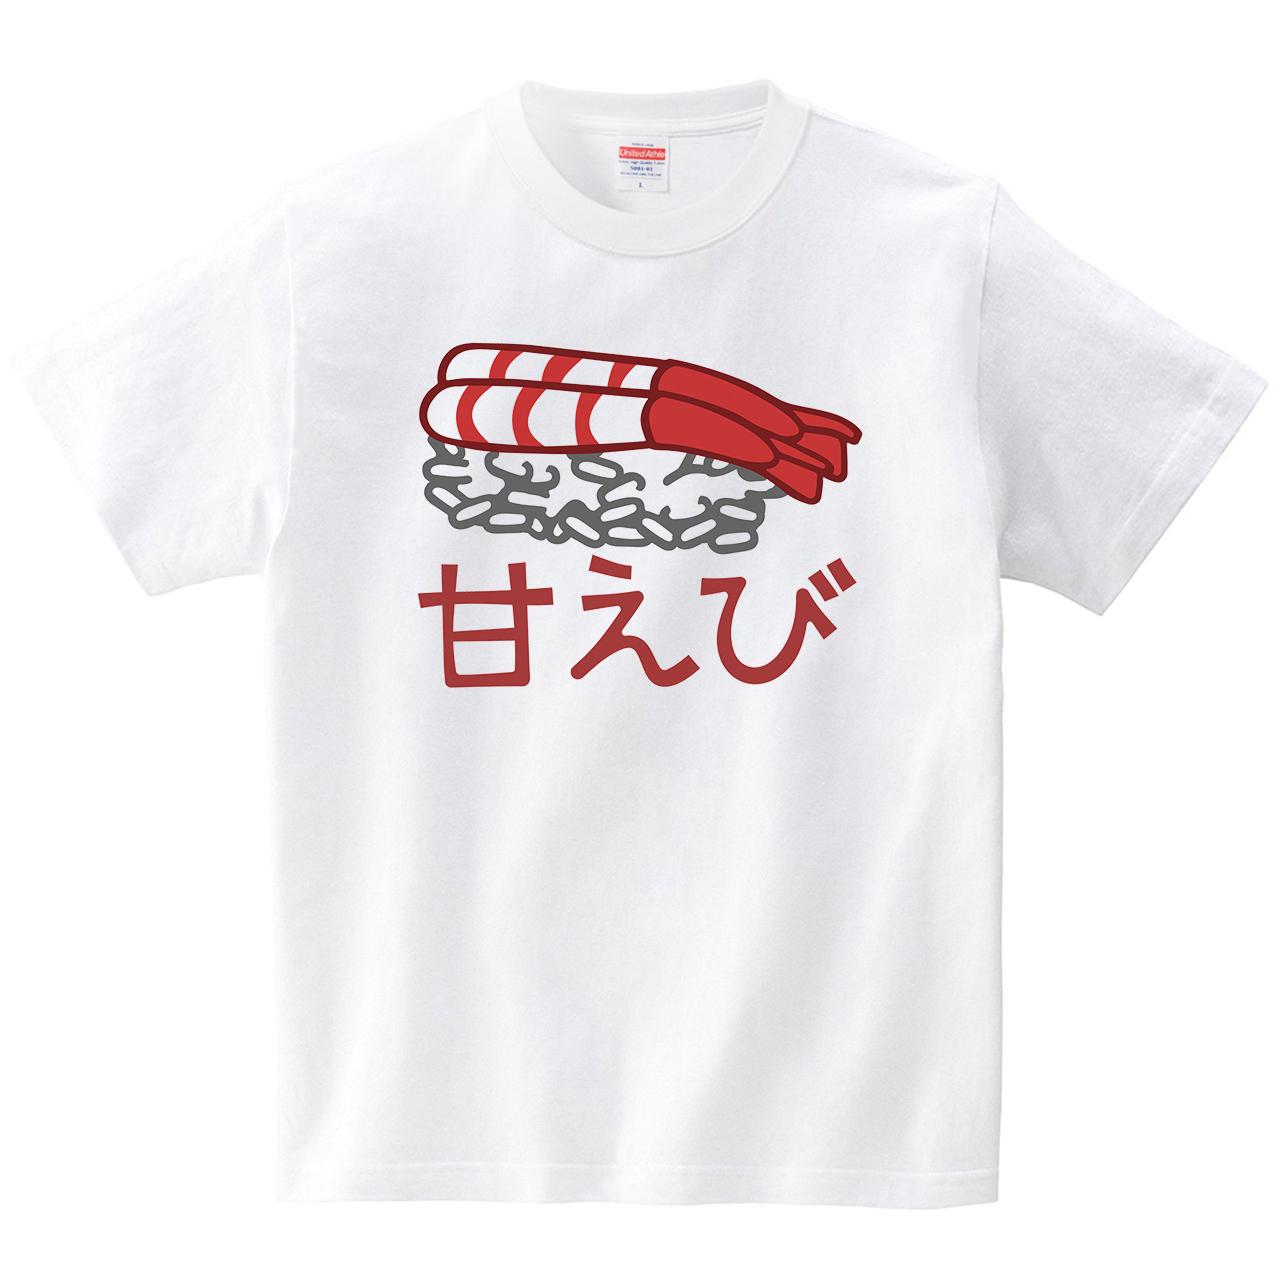 甘えび(Tシャツ・ホワイト)(犬田猫三郎)